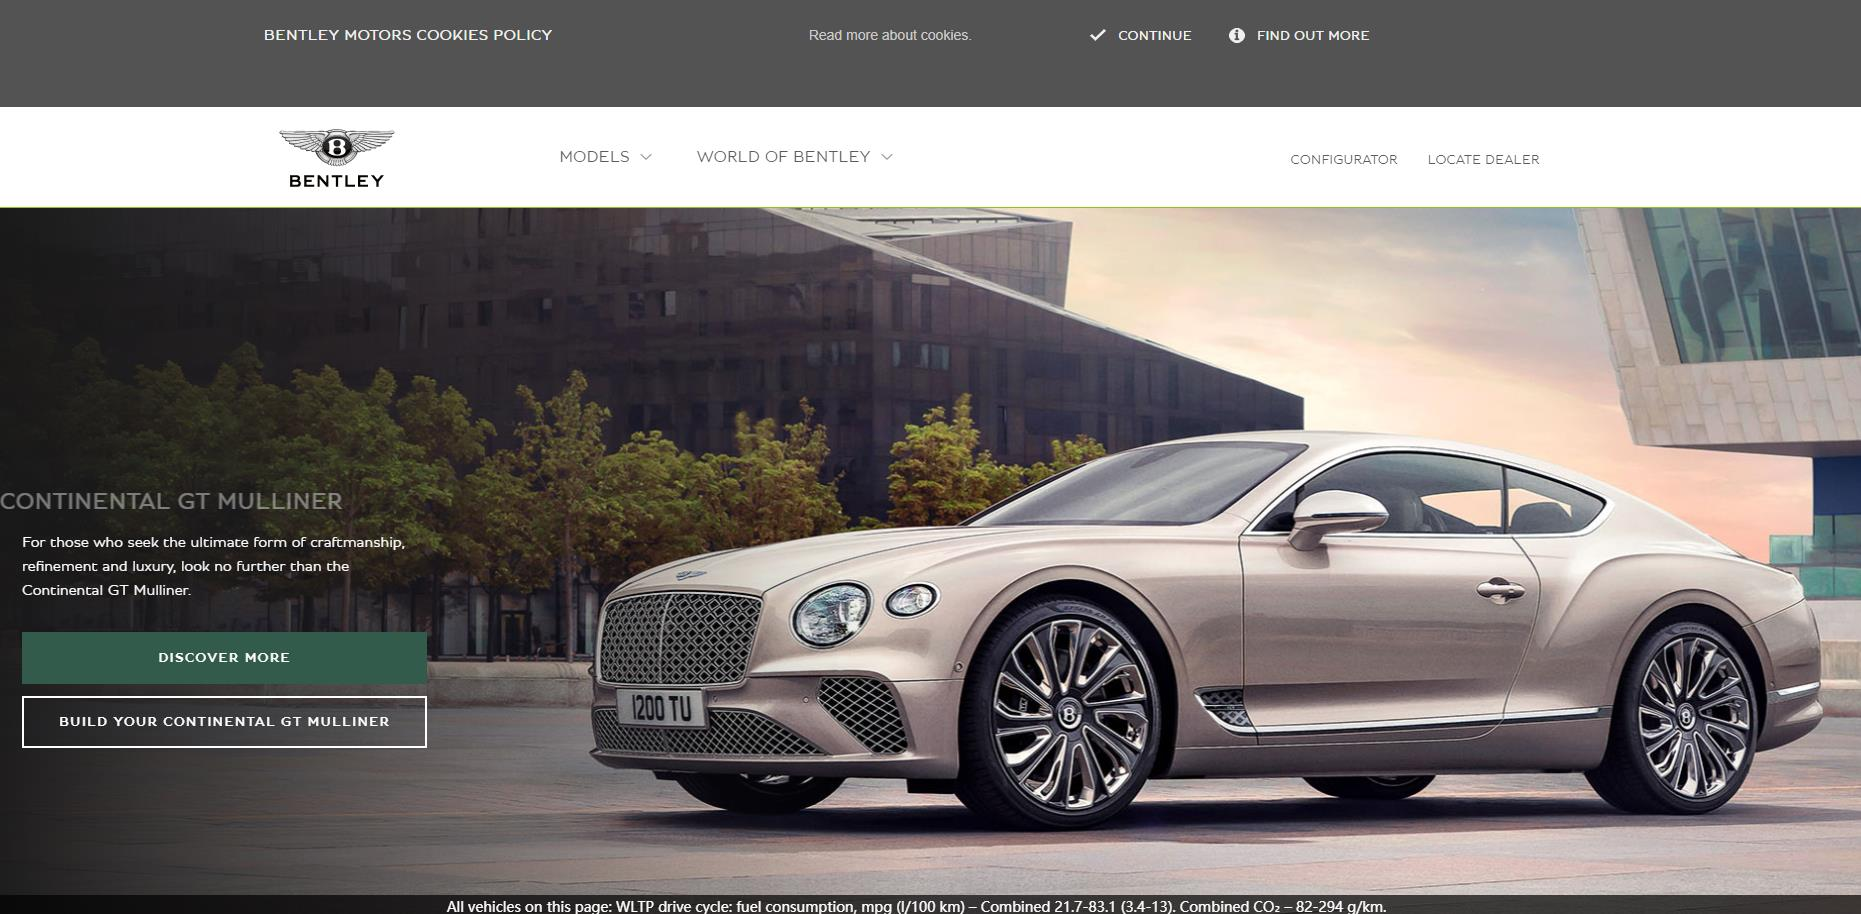 宾利汽车(Bentley)官网 英国克鲁的奢华汽车品牌名企